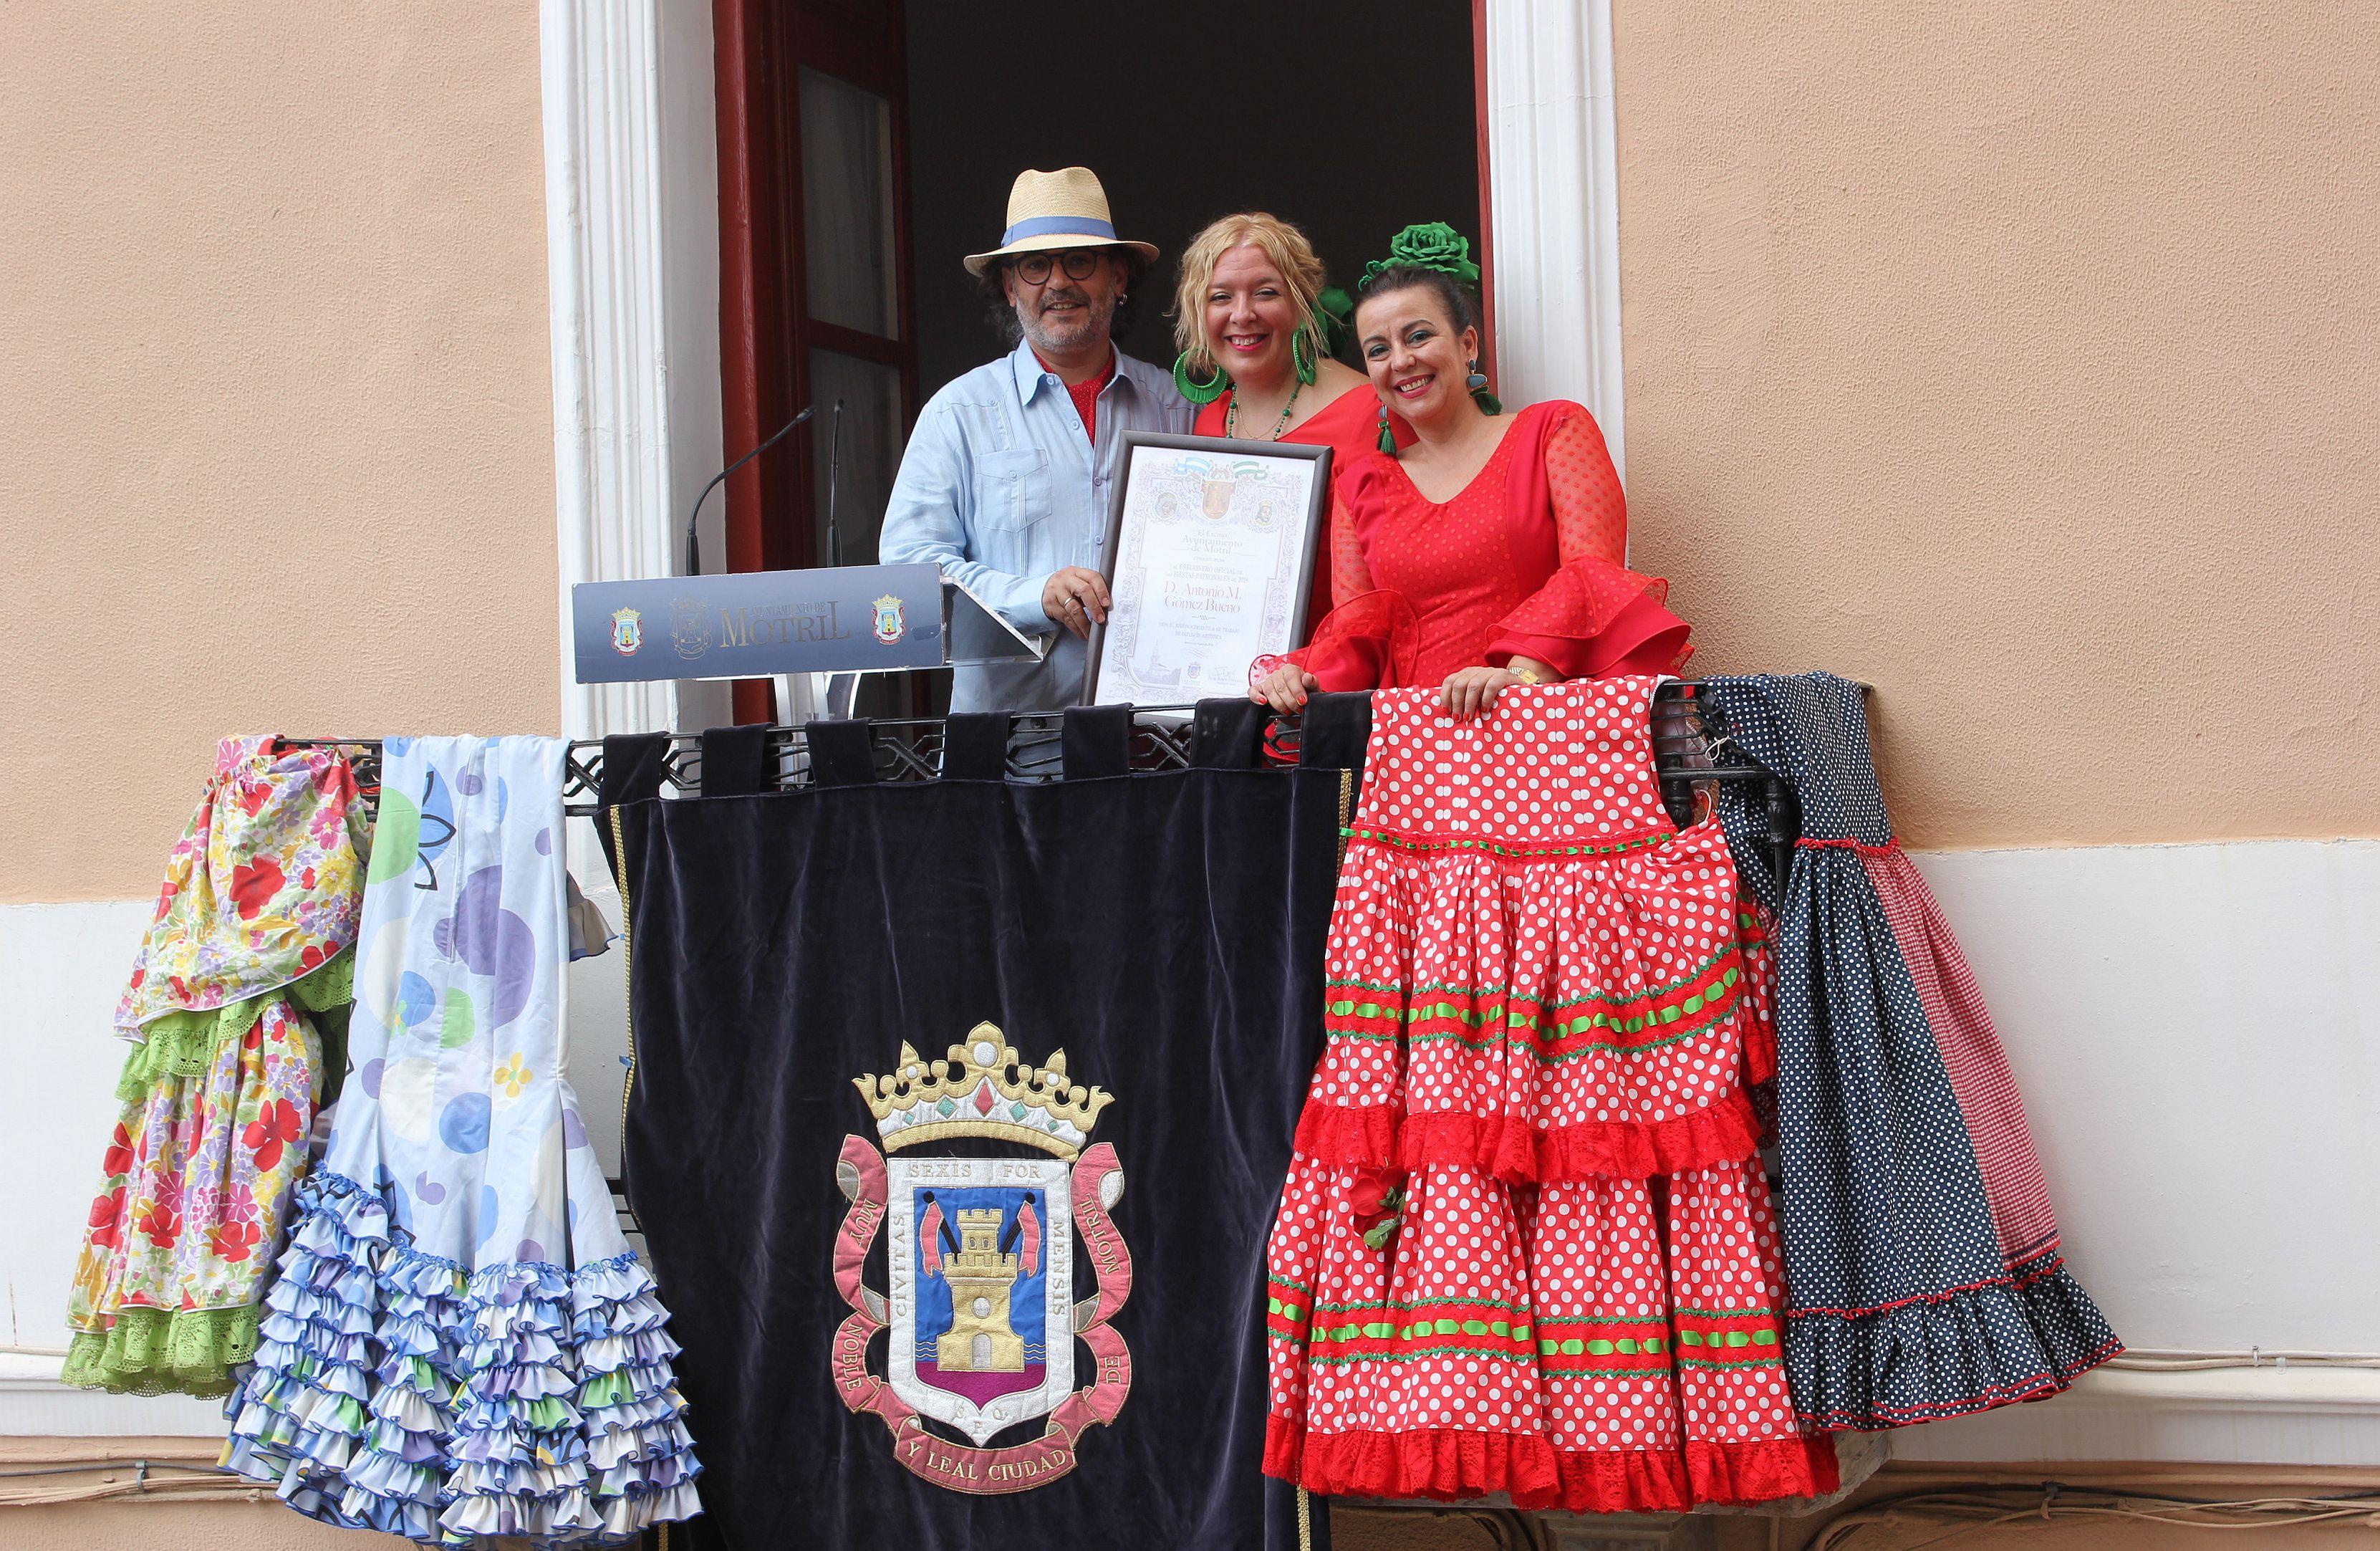 Flor Almón y Alicia Crespo junto al pregonero, Antonio Bueno (Foto: El Faro)